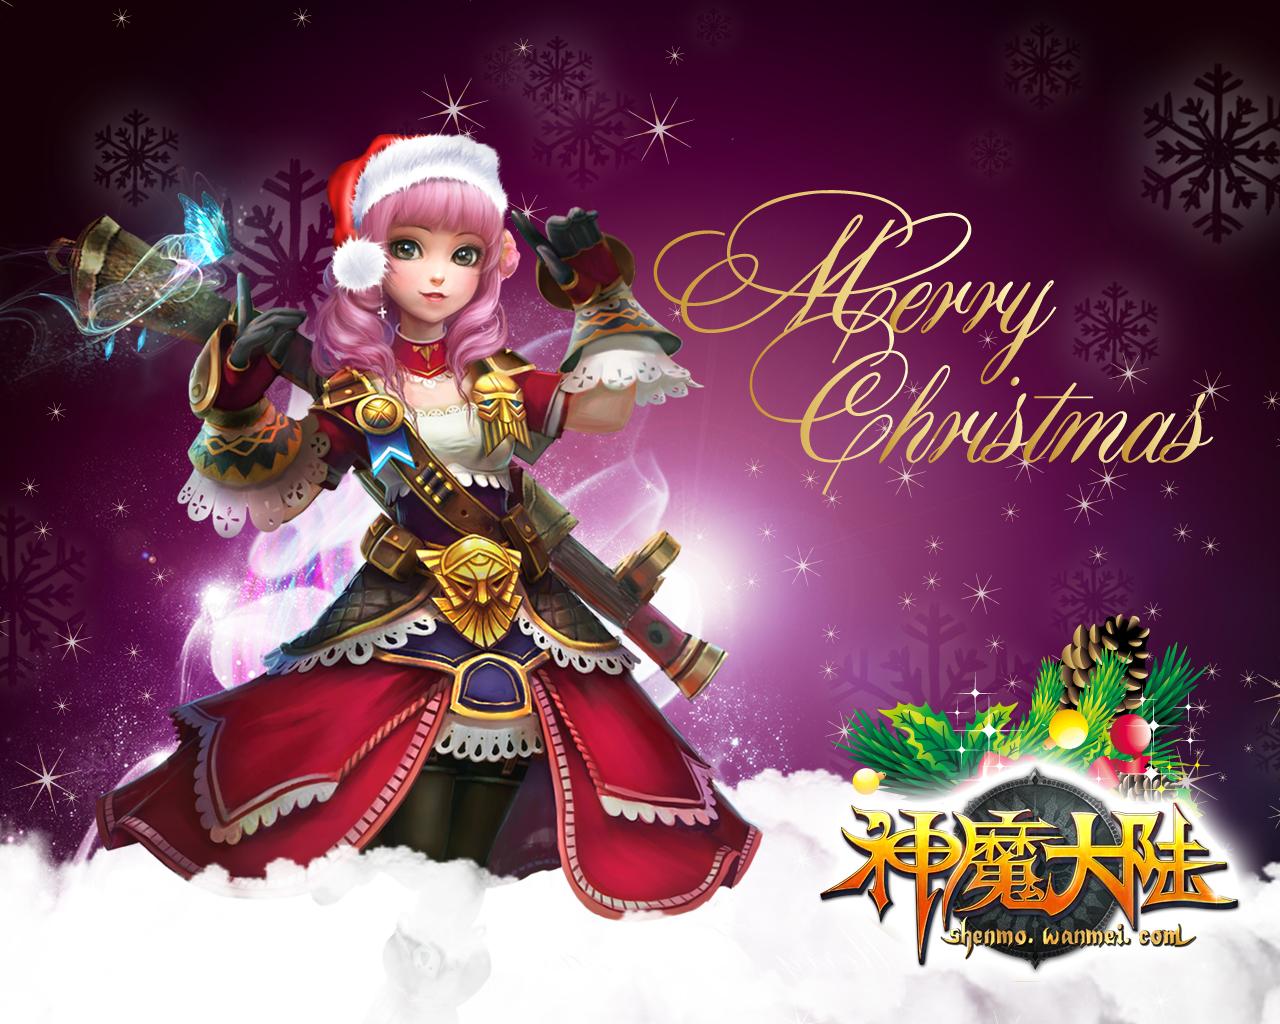 1280x1024px Anime Christmas Wallpaper Hd Wallpapersafari